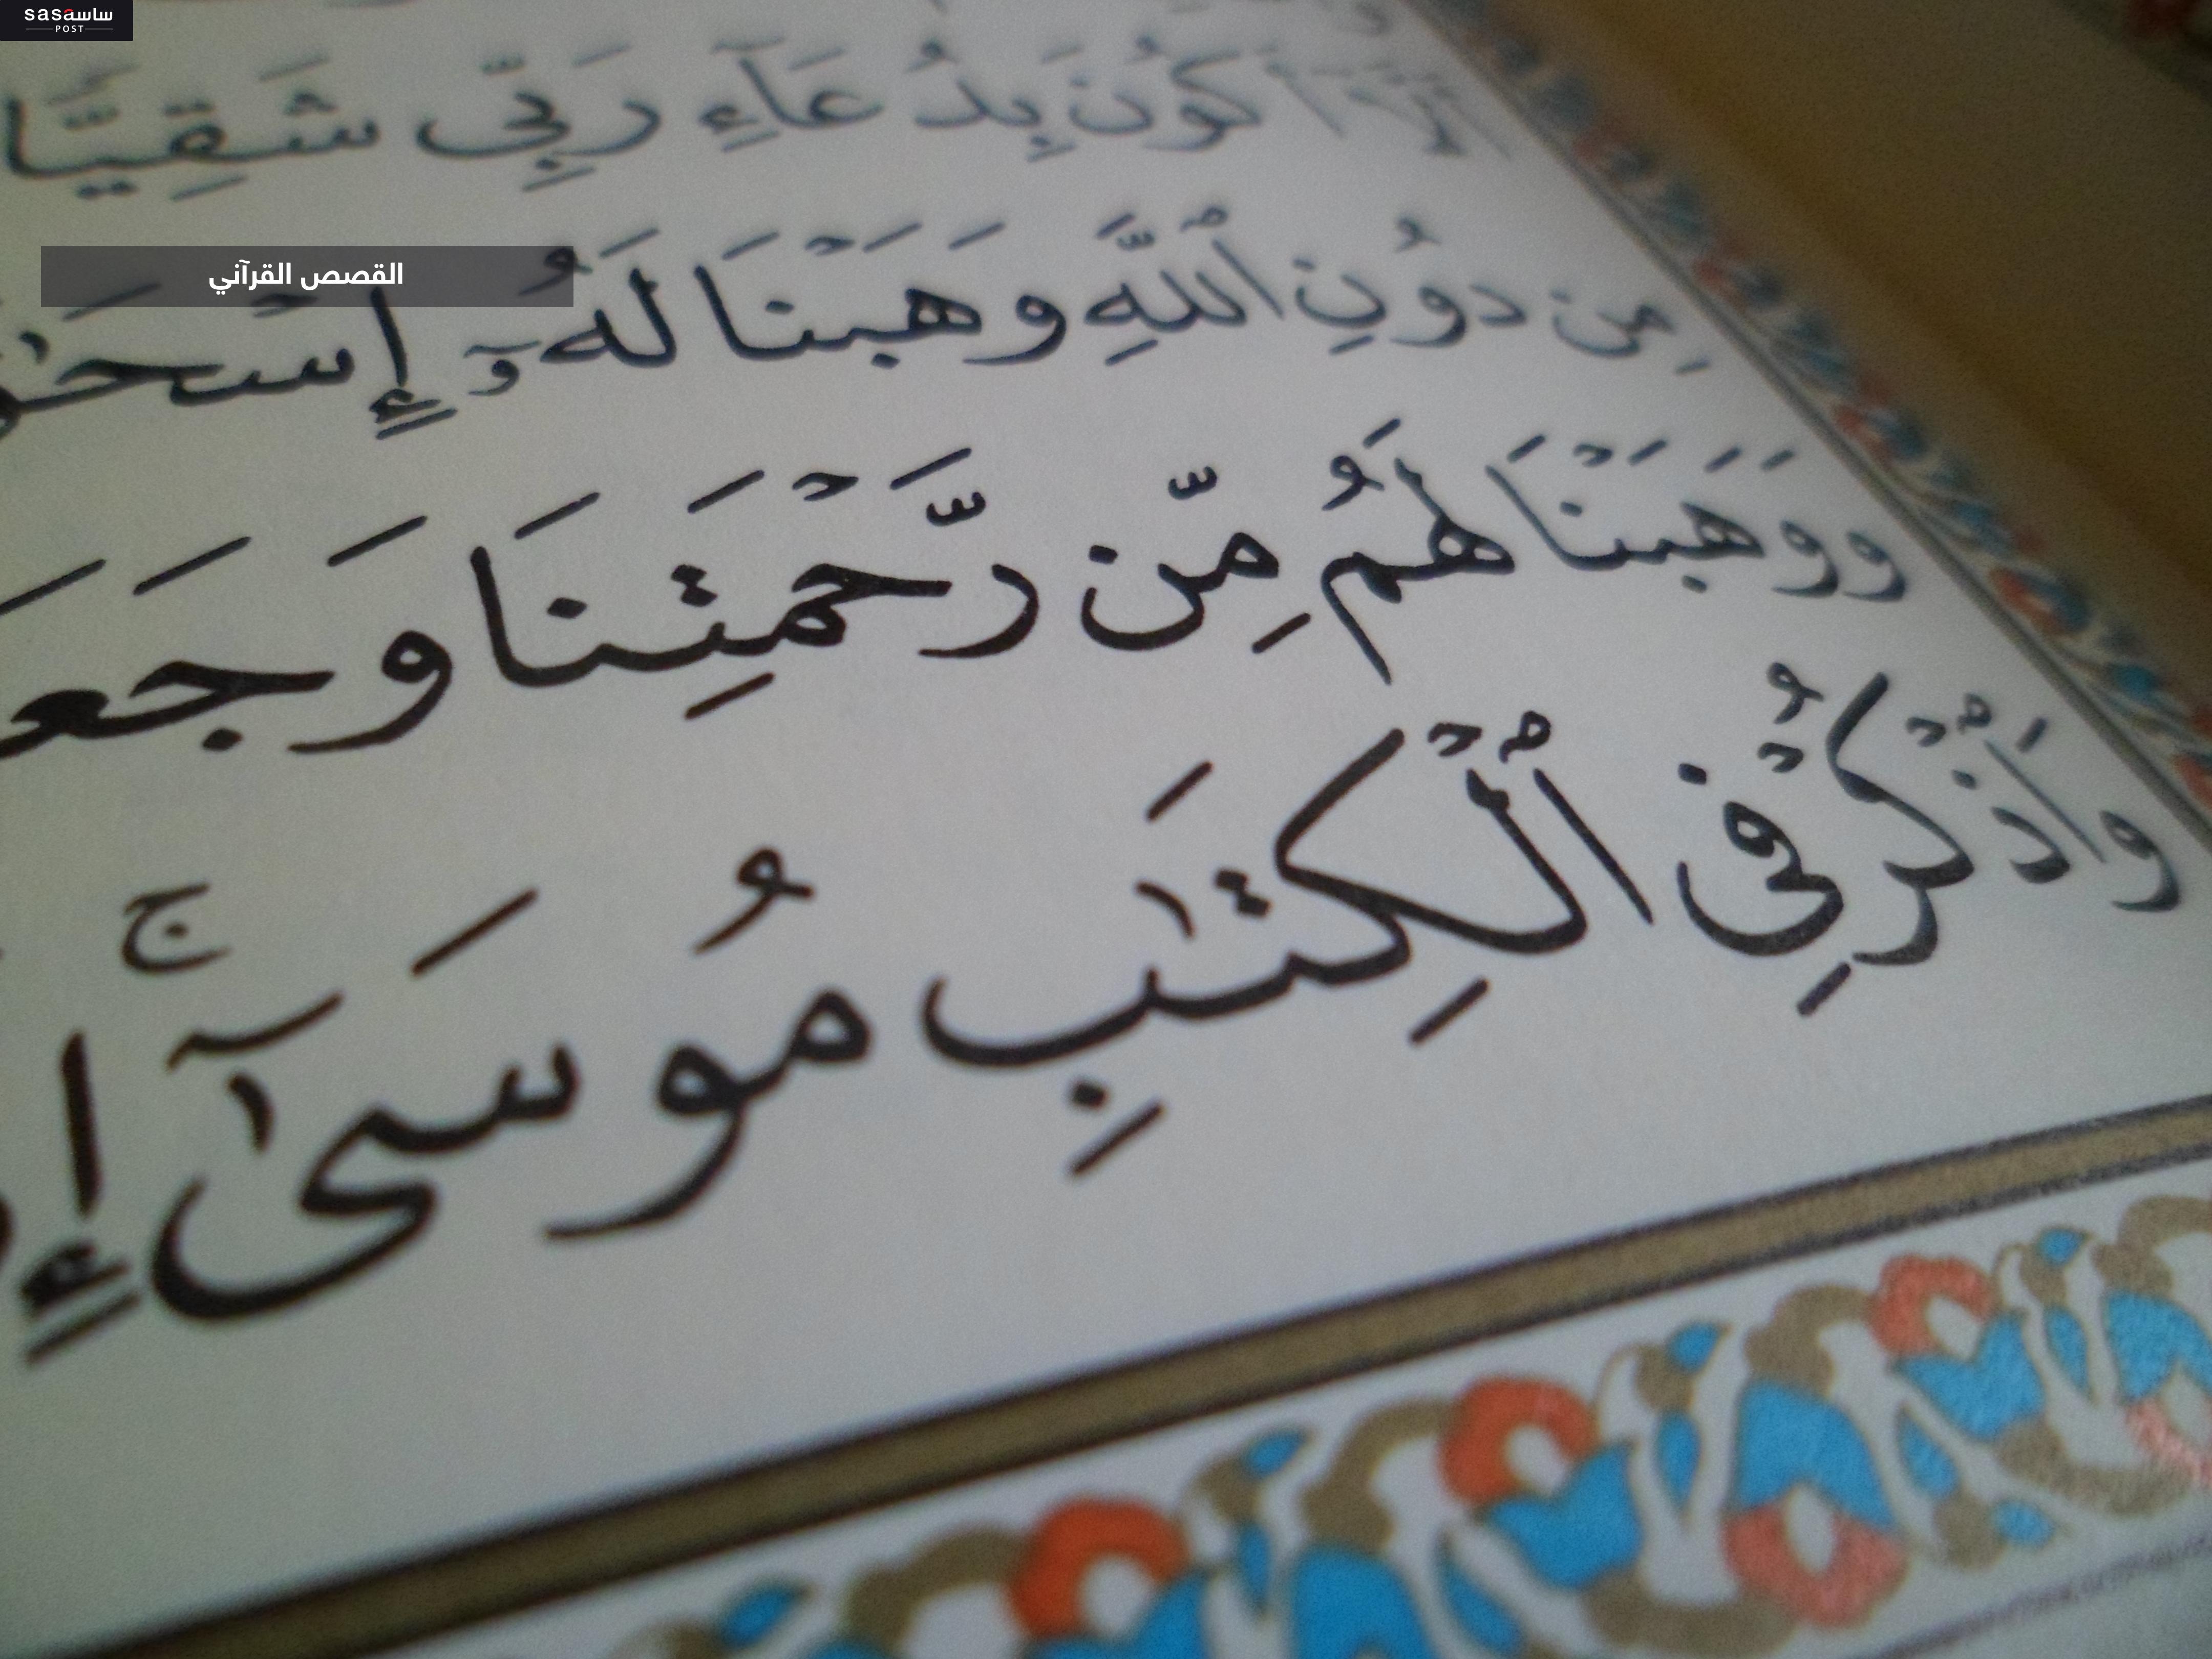 تحميل سورة مريم